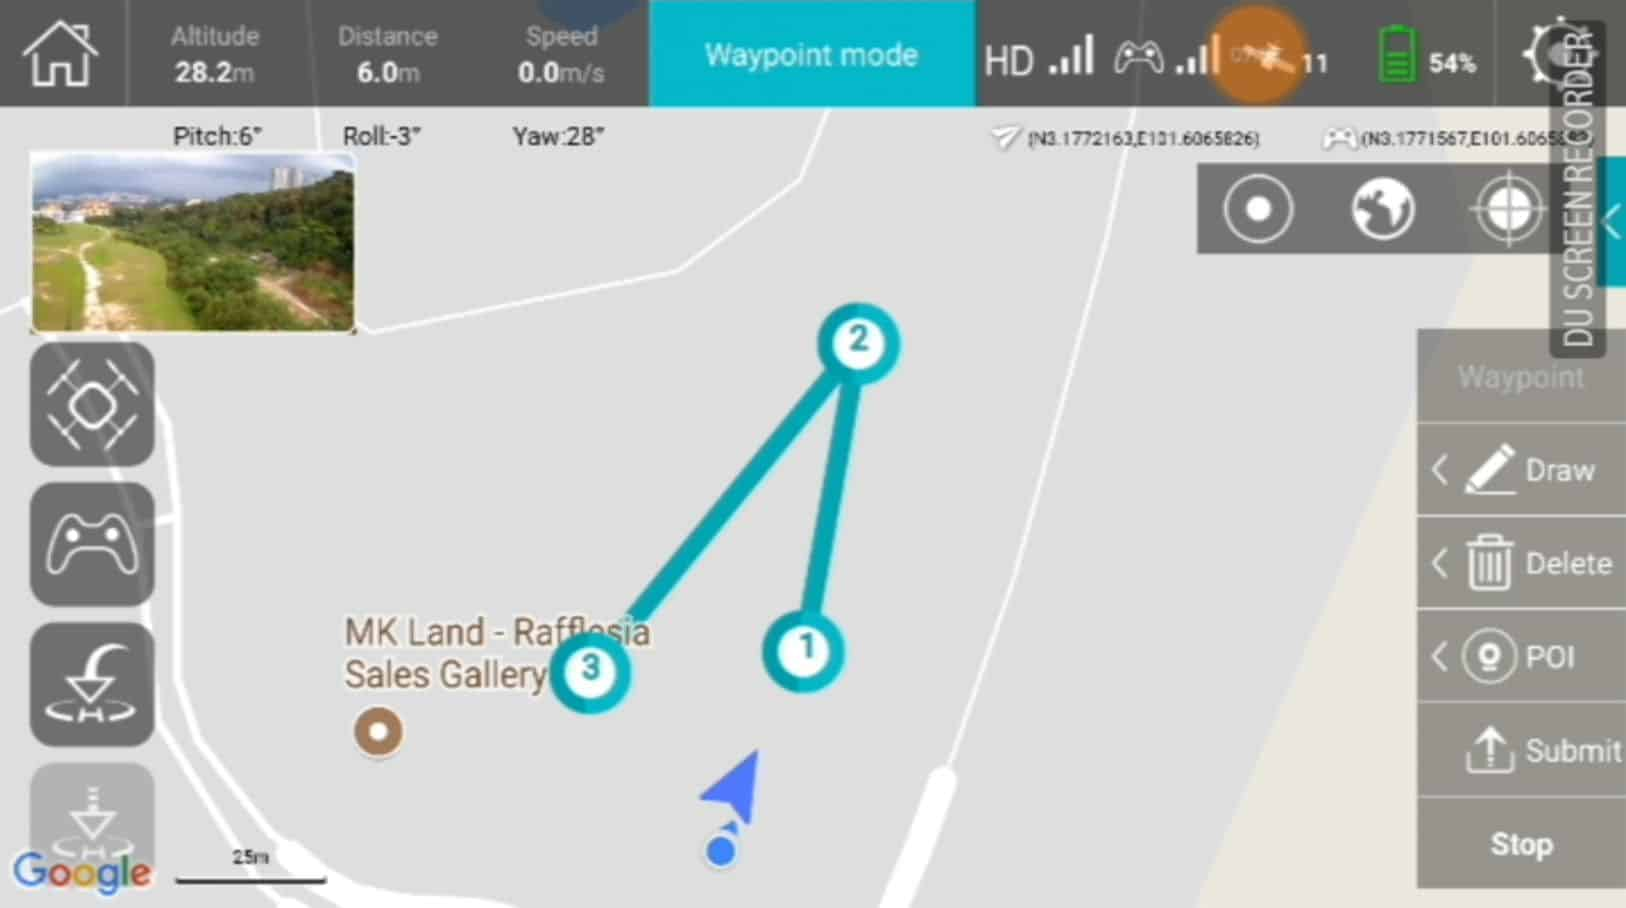 Waypoint Navigation hubsan desire